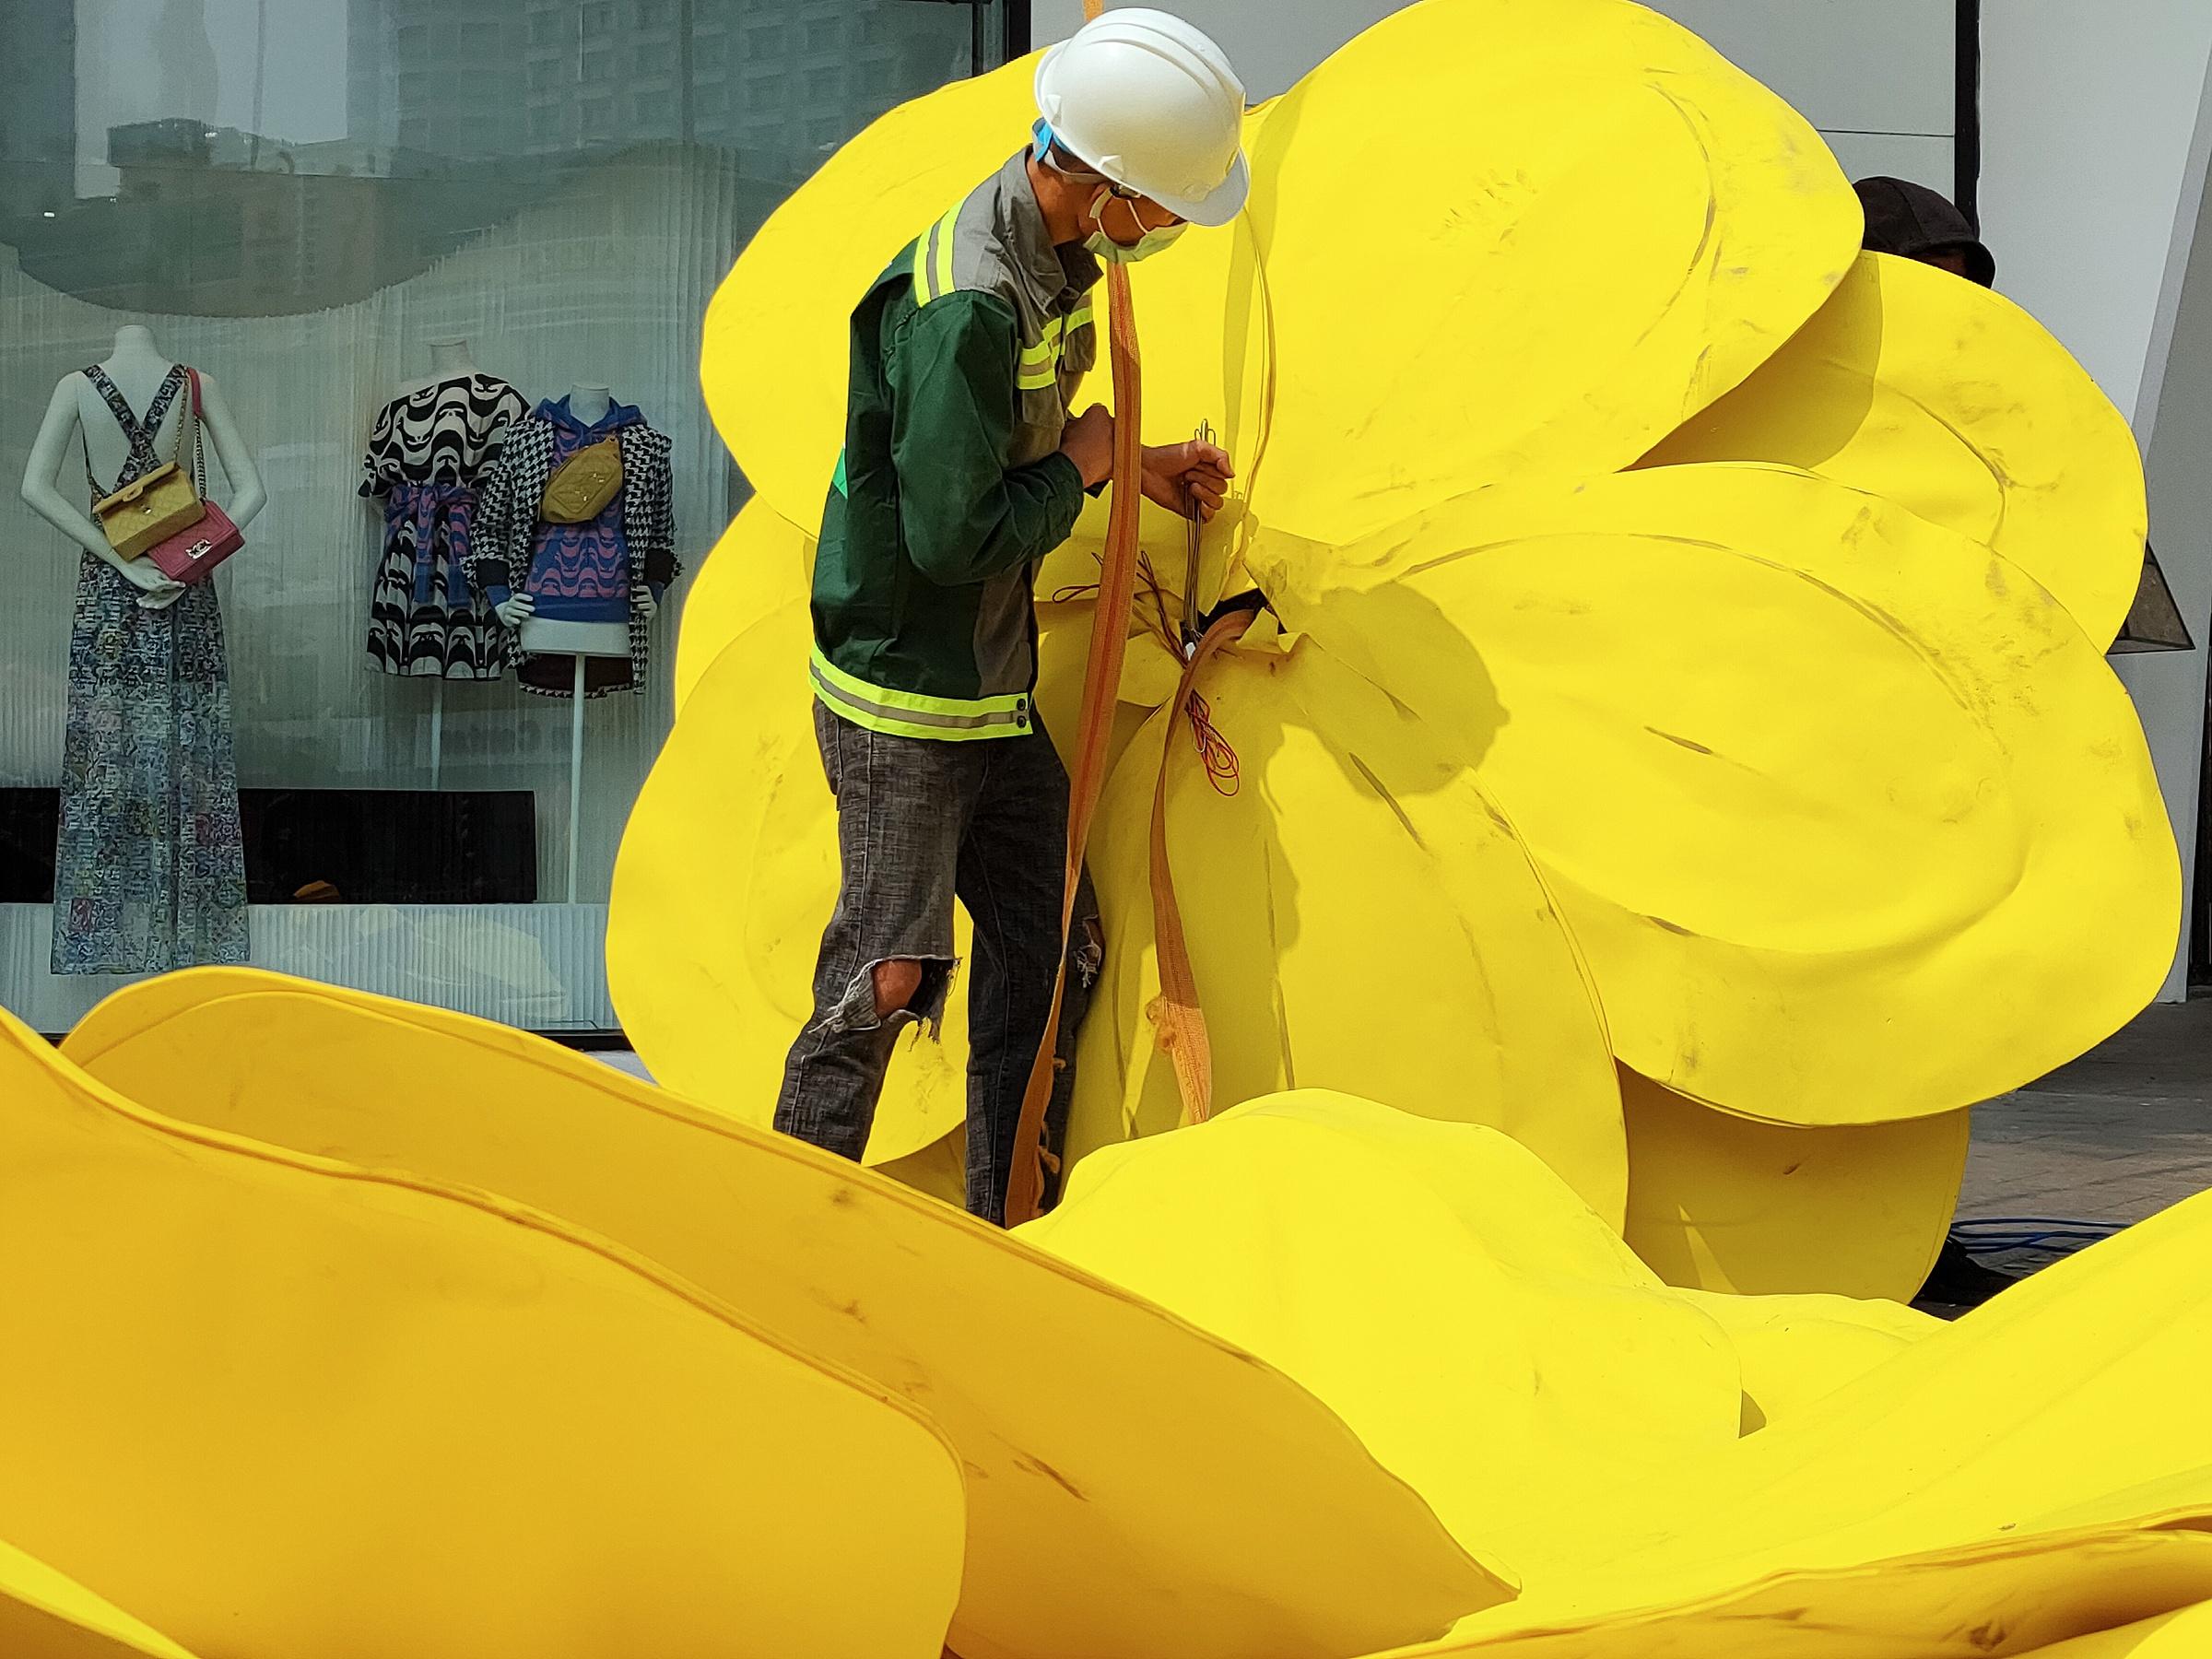 Giữa trưa nắng, đường phố thưa vắng người, những người thợ vẫn âm thầm làm việc. Họ treo những bông mai vàng với kích cỡ lớn lên một góc phố, khoác màu áo Tết lên những cung đường của thành phố khi năm mới sắp đến.